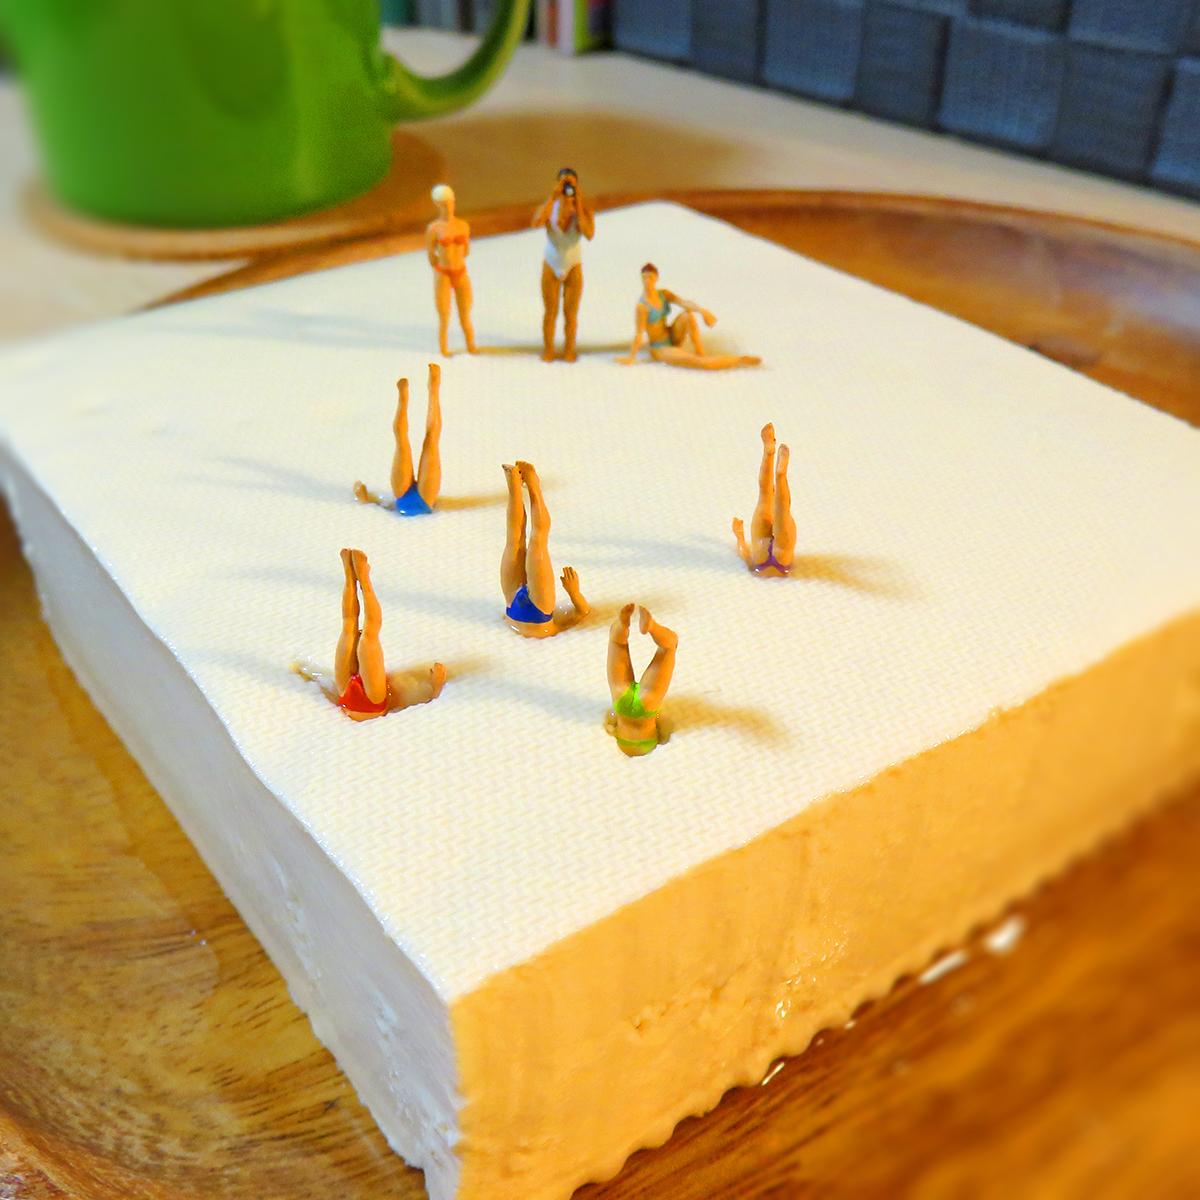 10月2日は豆腐の日!豆腐でシンクロナイズドスイミングする選手たち